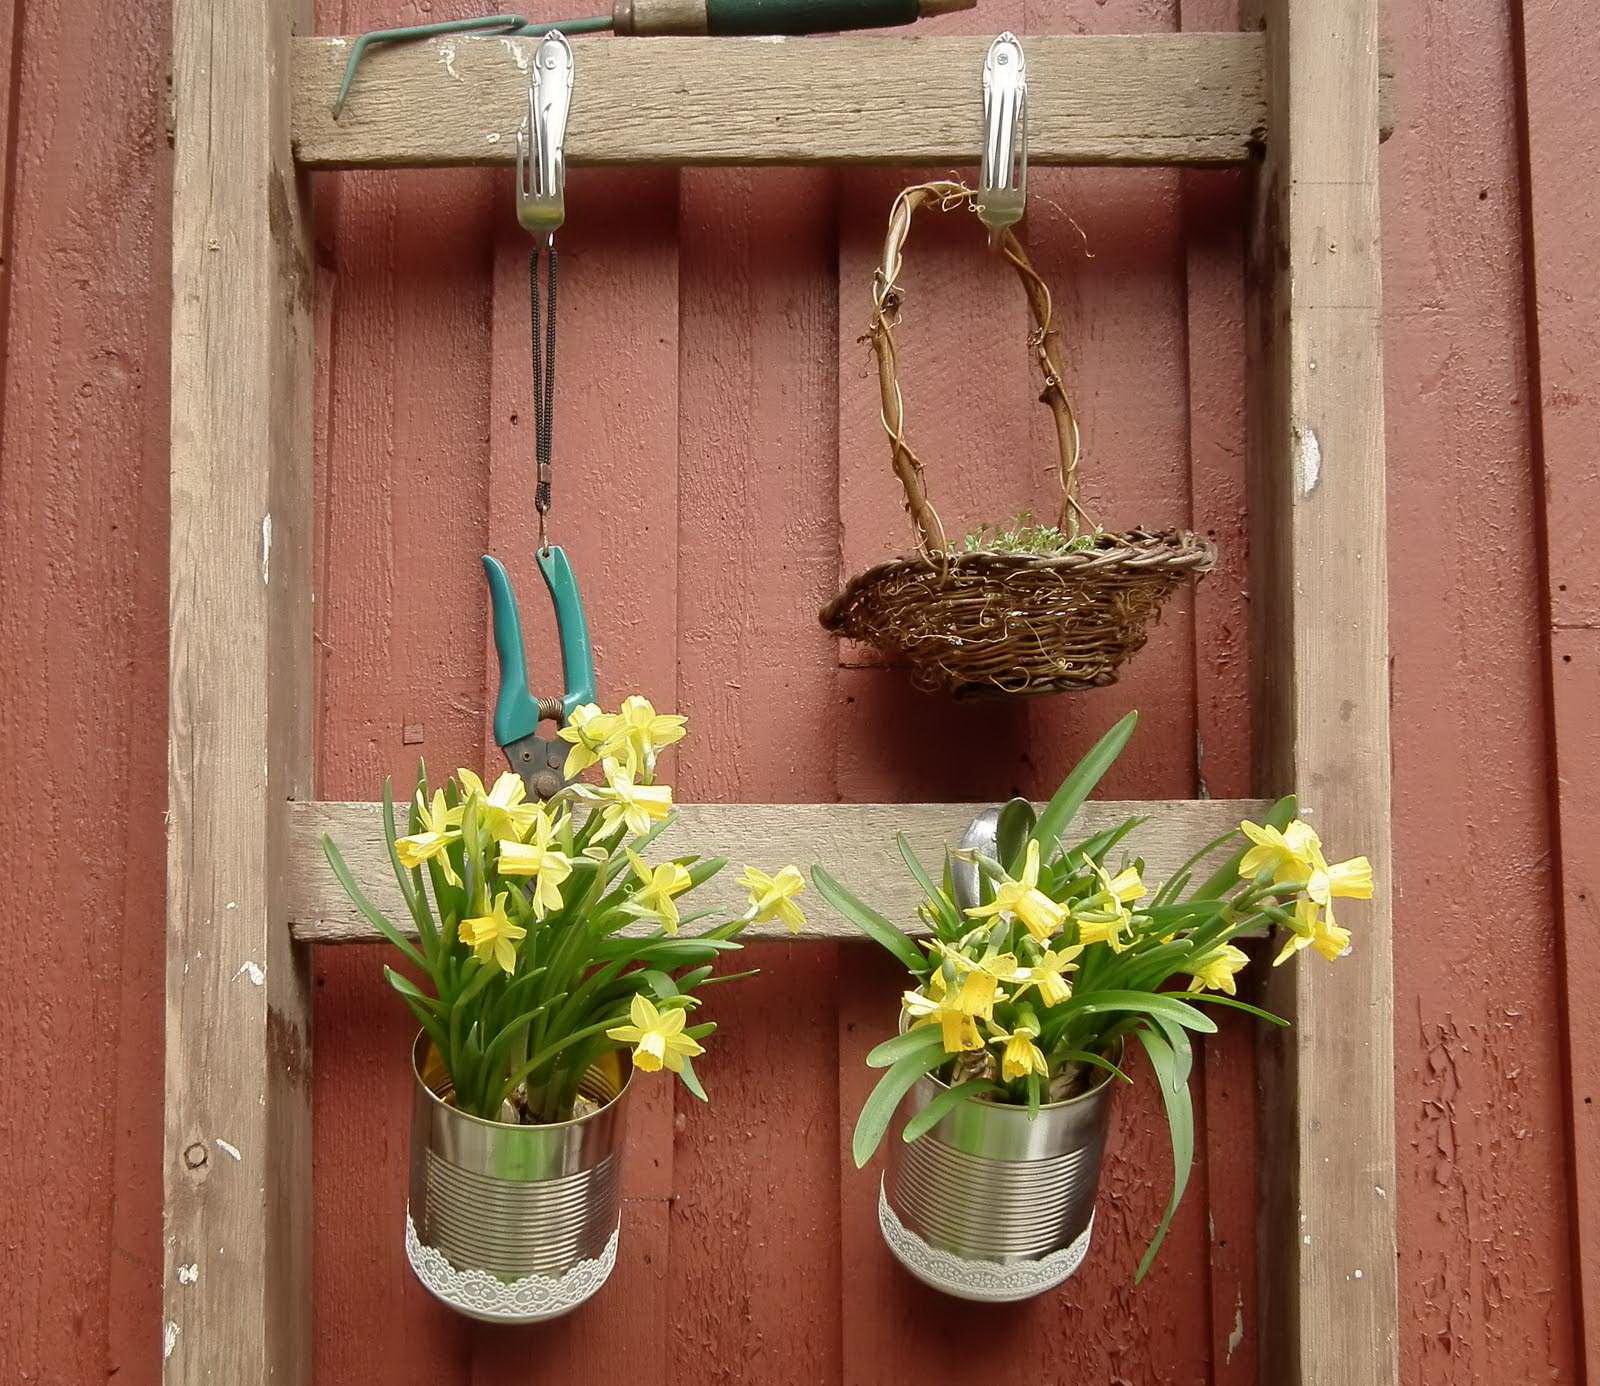 Оригинальные уличные кашпо Горшки подвесные для сада своими руками фото